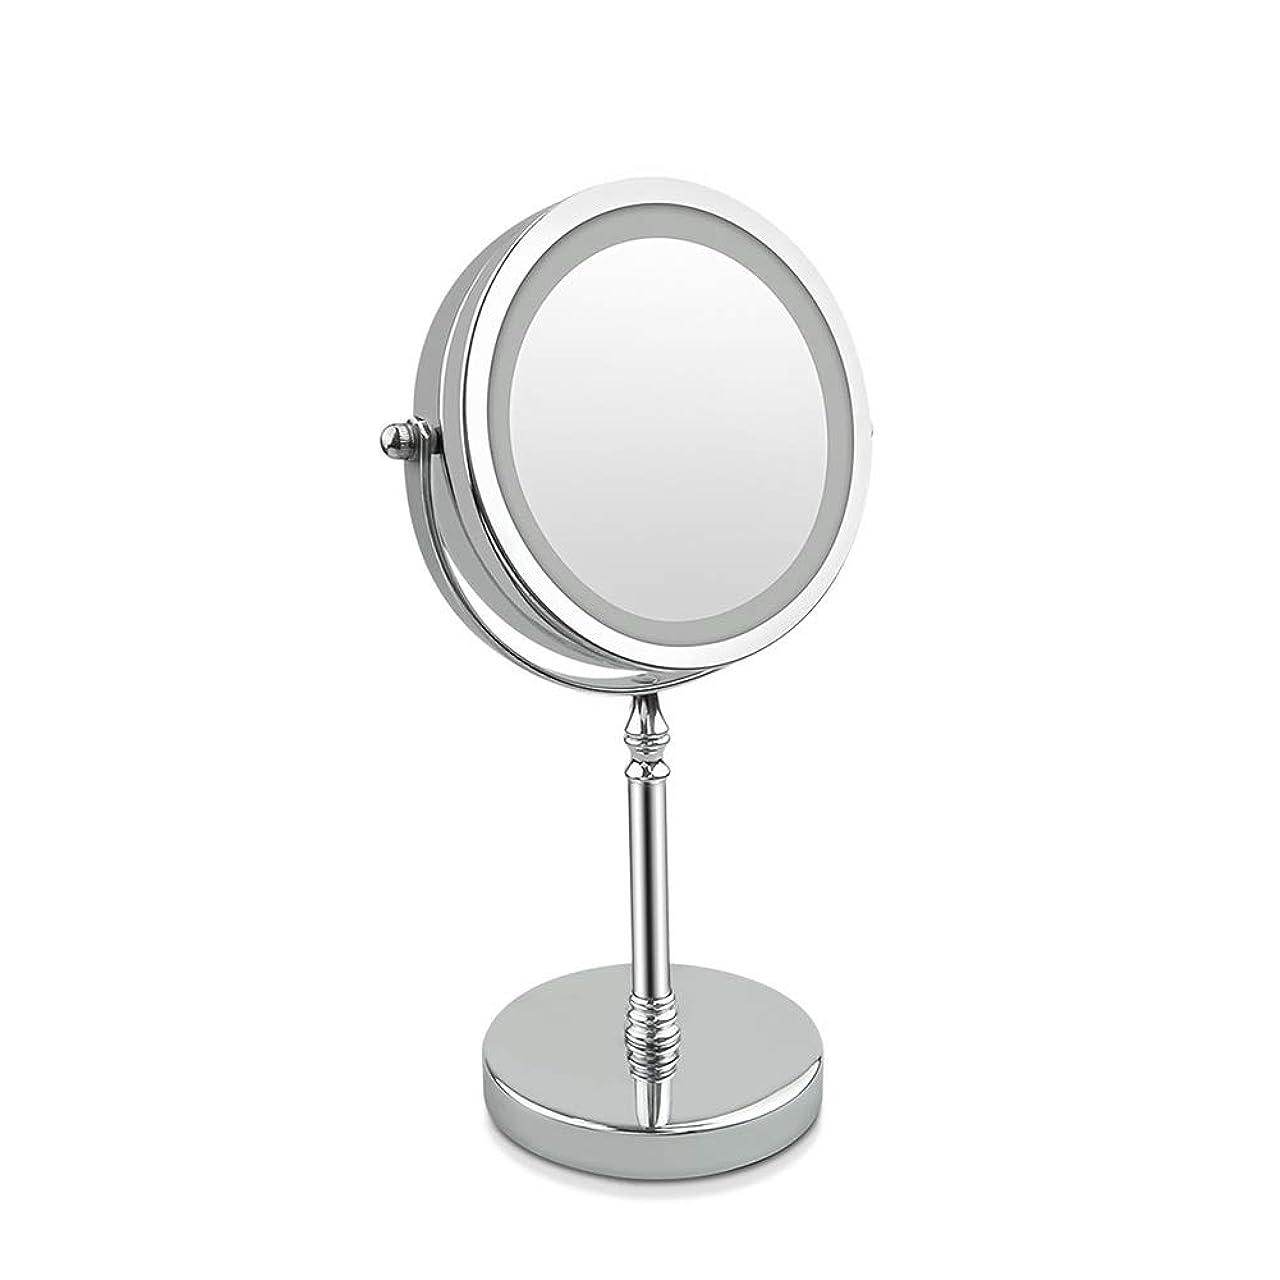 けがをする好意的迫害するGEABQJ 化粧鏡 デスクトップ HD お手入れが簡単 10倍の倍率 360°調整 スマートLEDフィルライト顕微鏡、 17x33cm (Color : Silver)